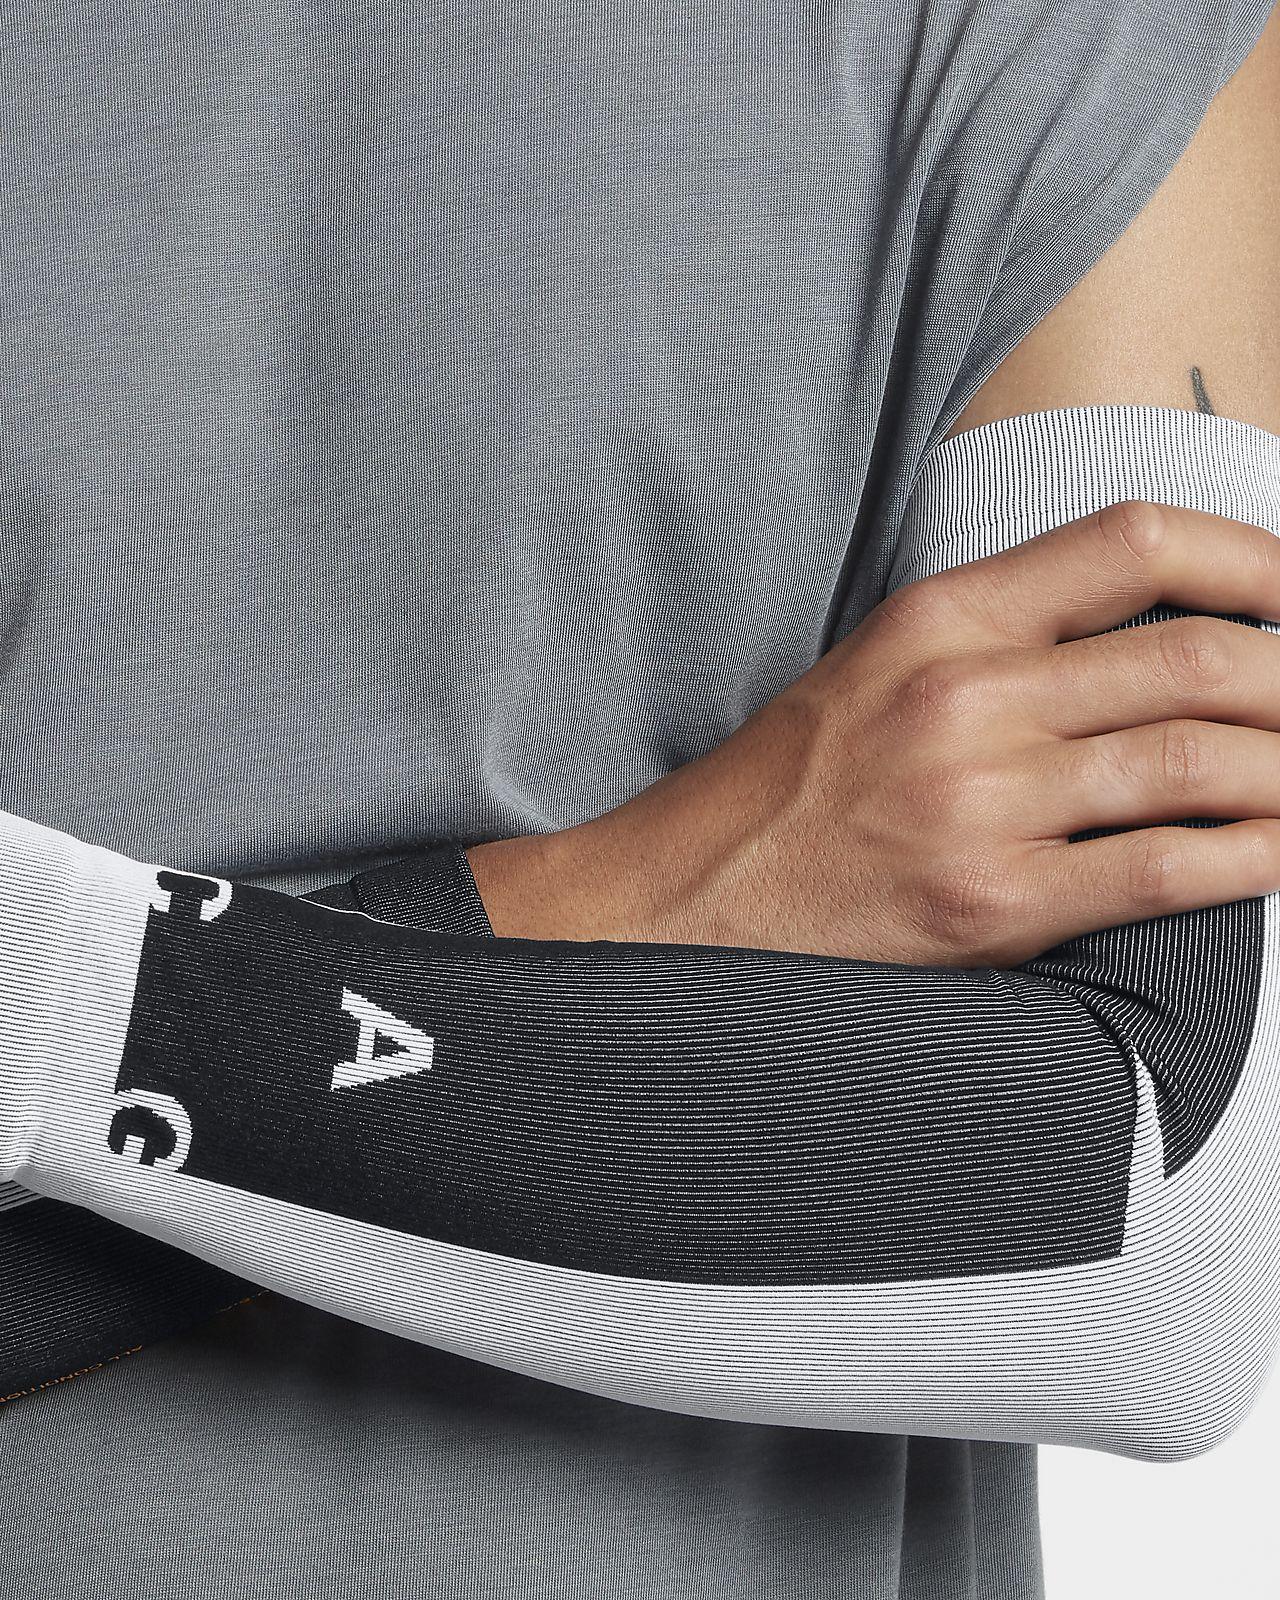 NikeLab ACG Men's Arm Sleeves